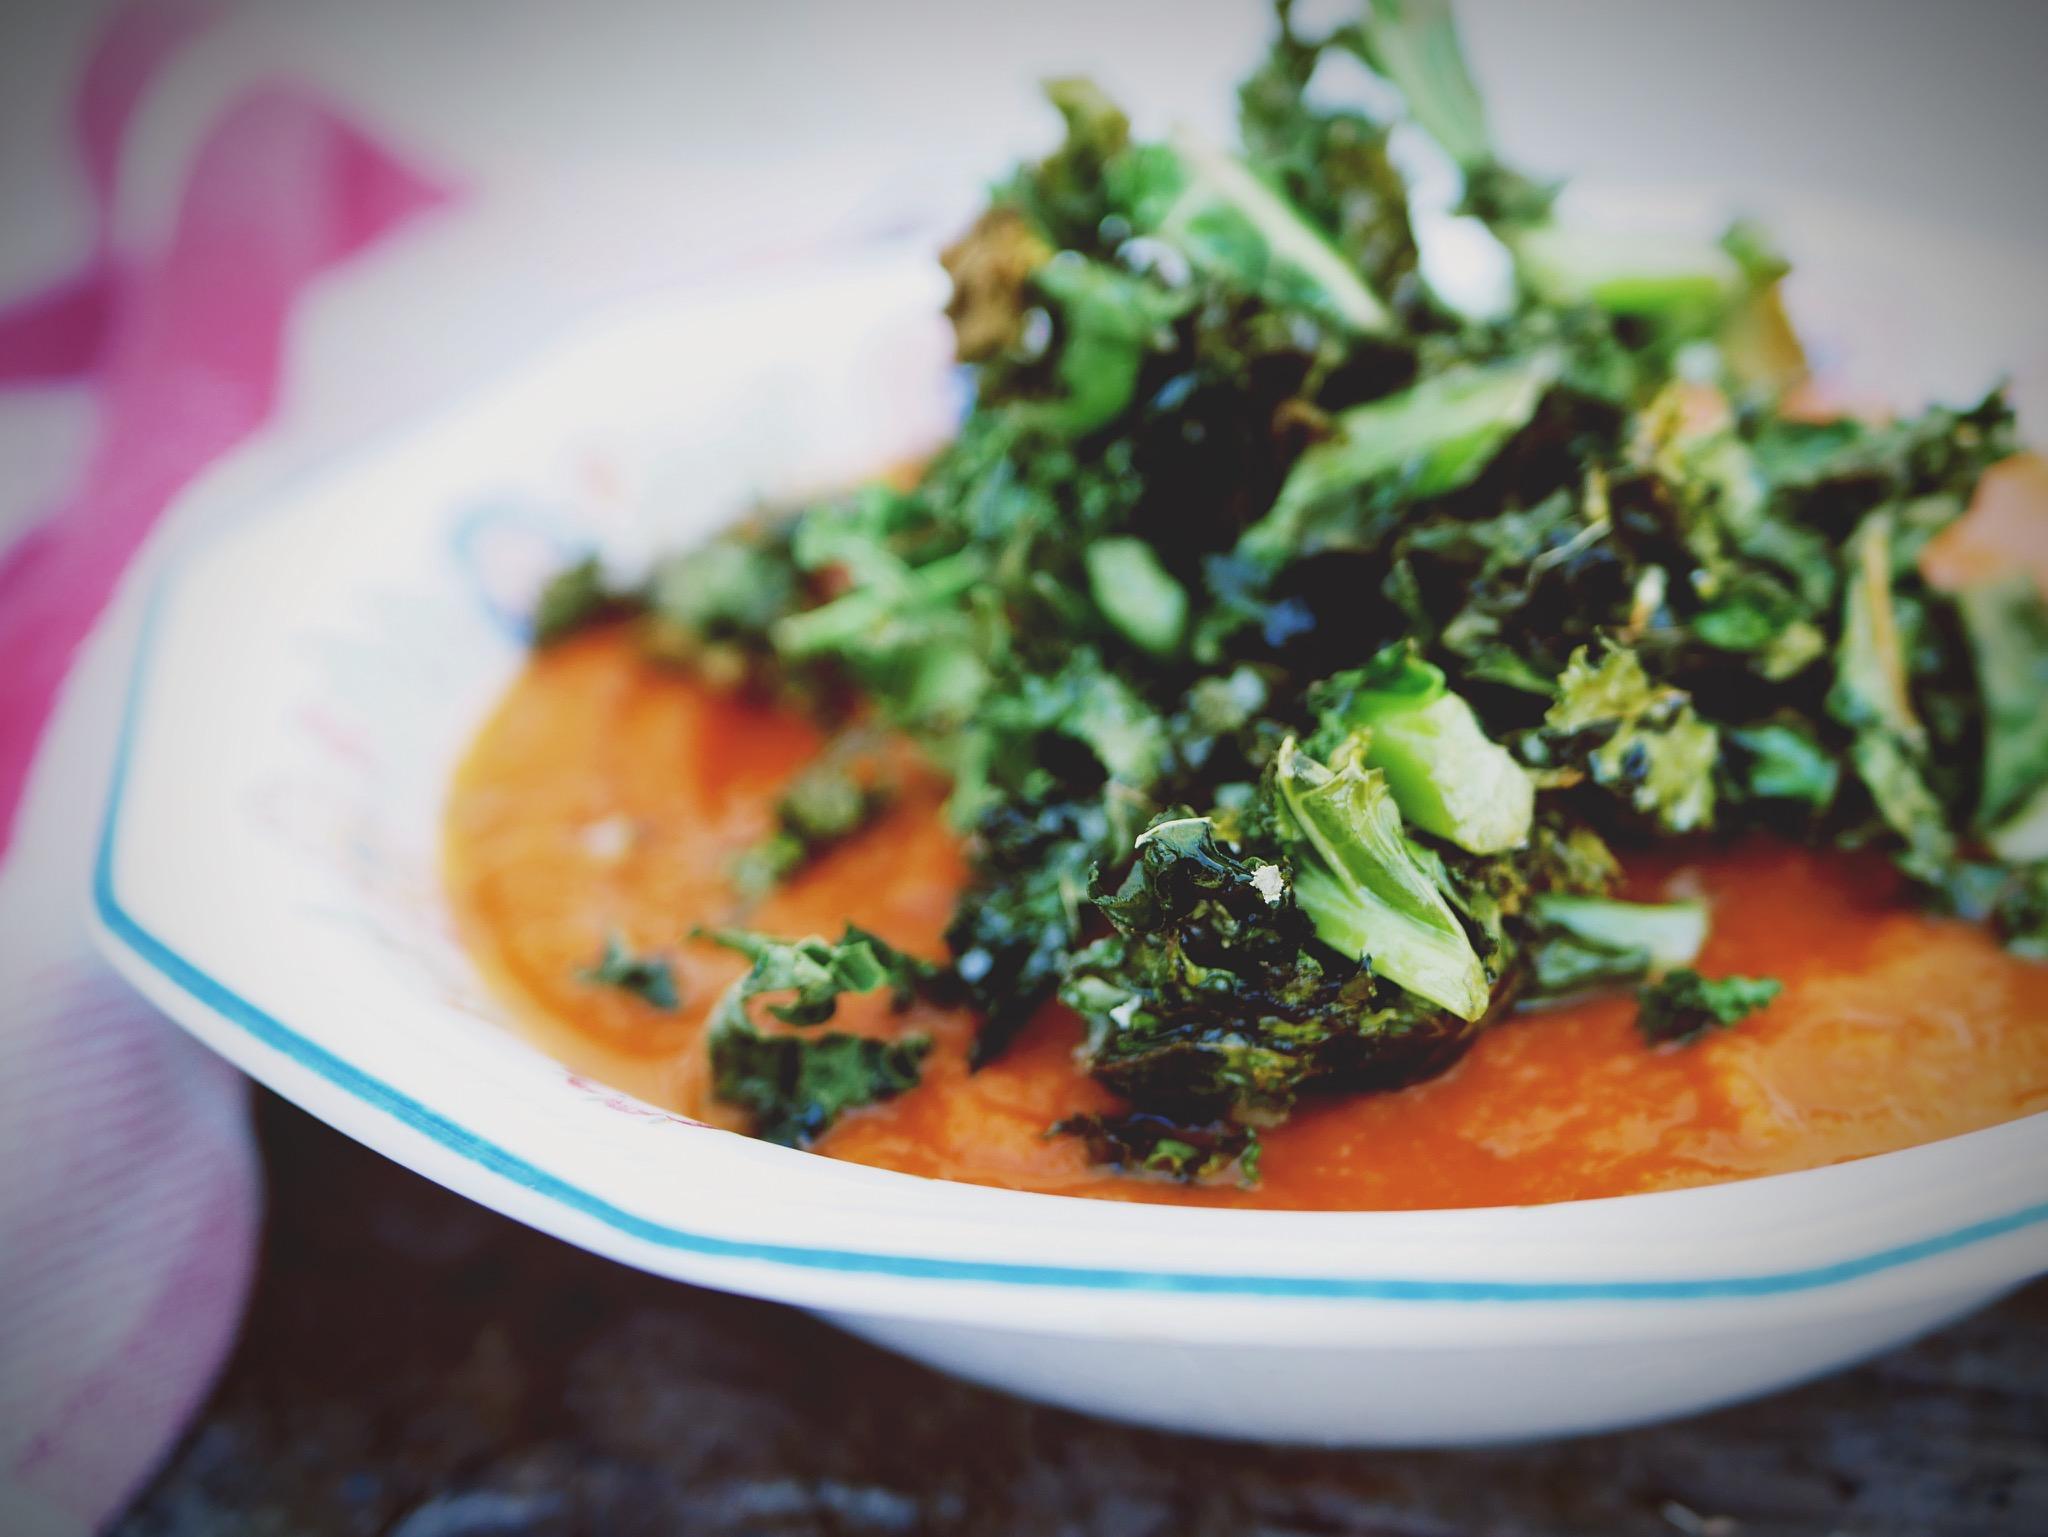 A scrumptious tomato soup